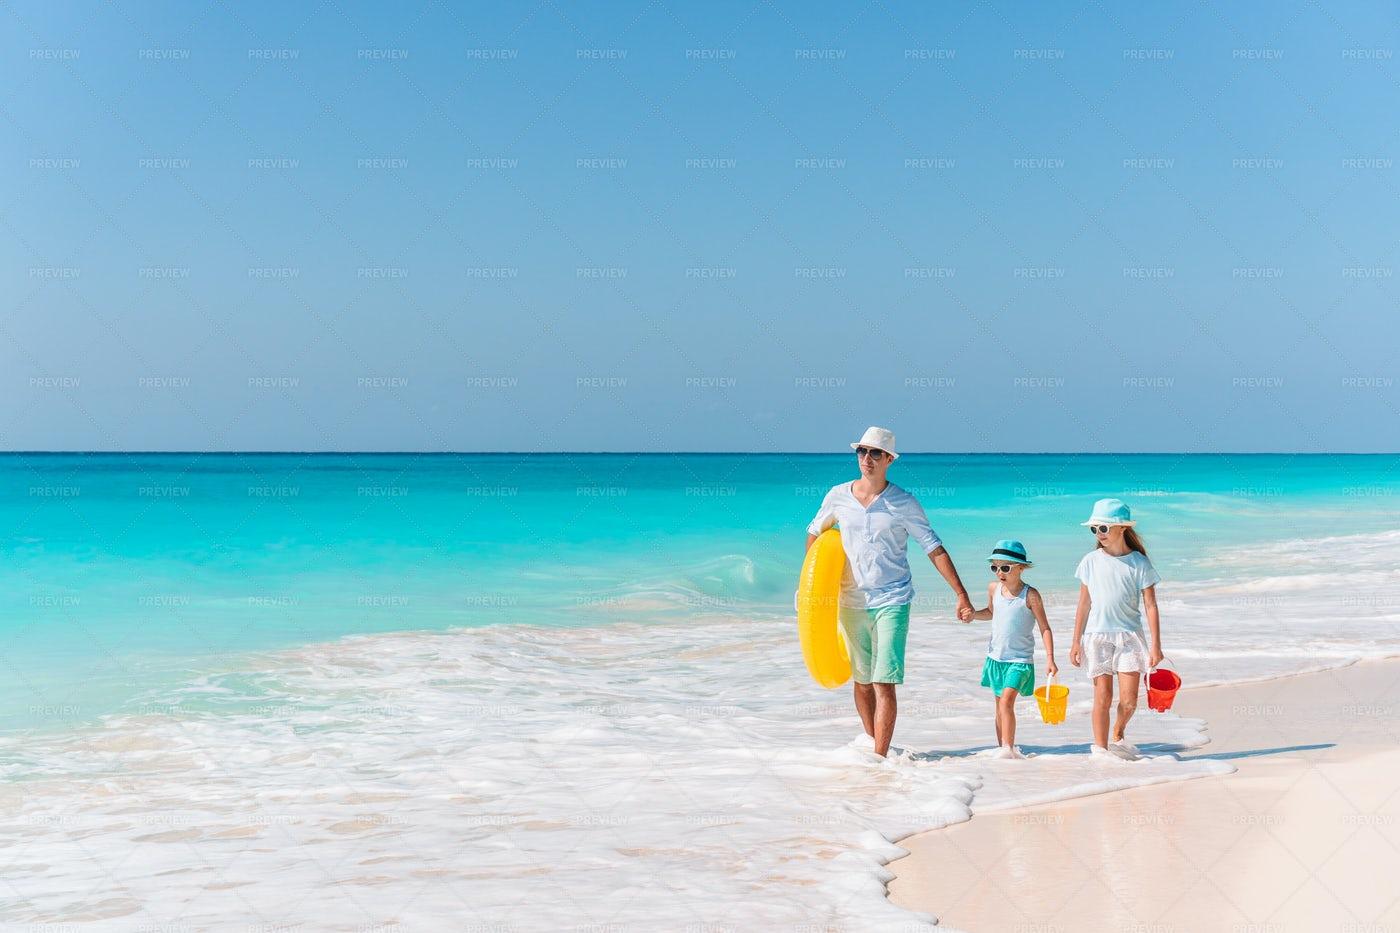 Family Walking On Beach: Stock Photos